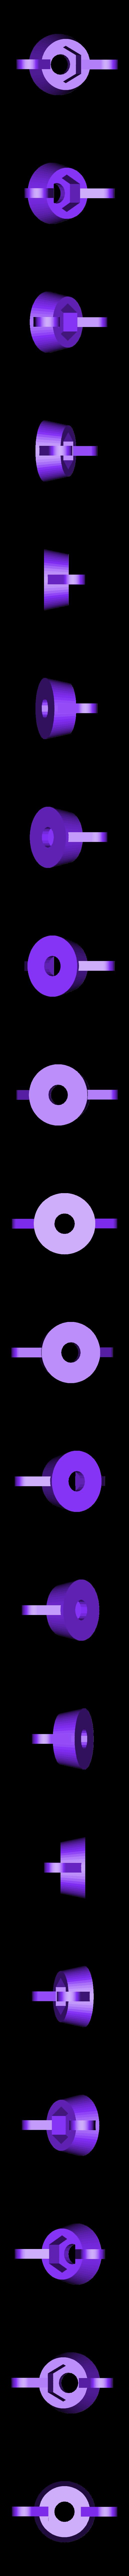 1.stl Télécharger fichier STL gratuit poignée pour l'écrou • Objet pour impression 3D, 1001thing3d